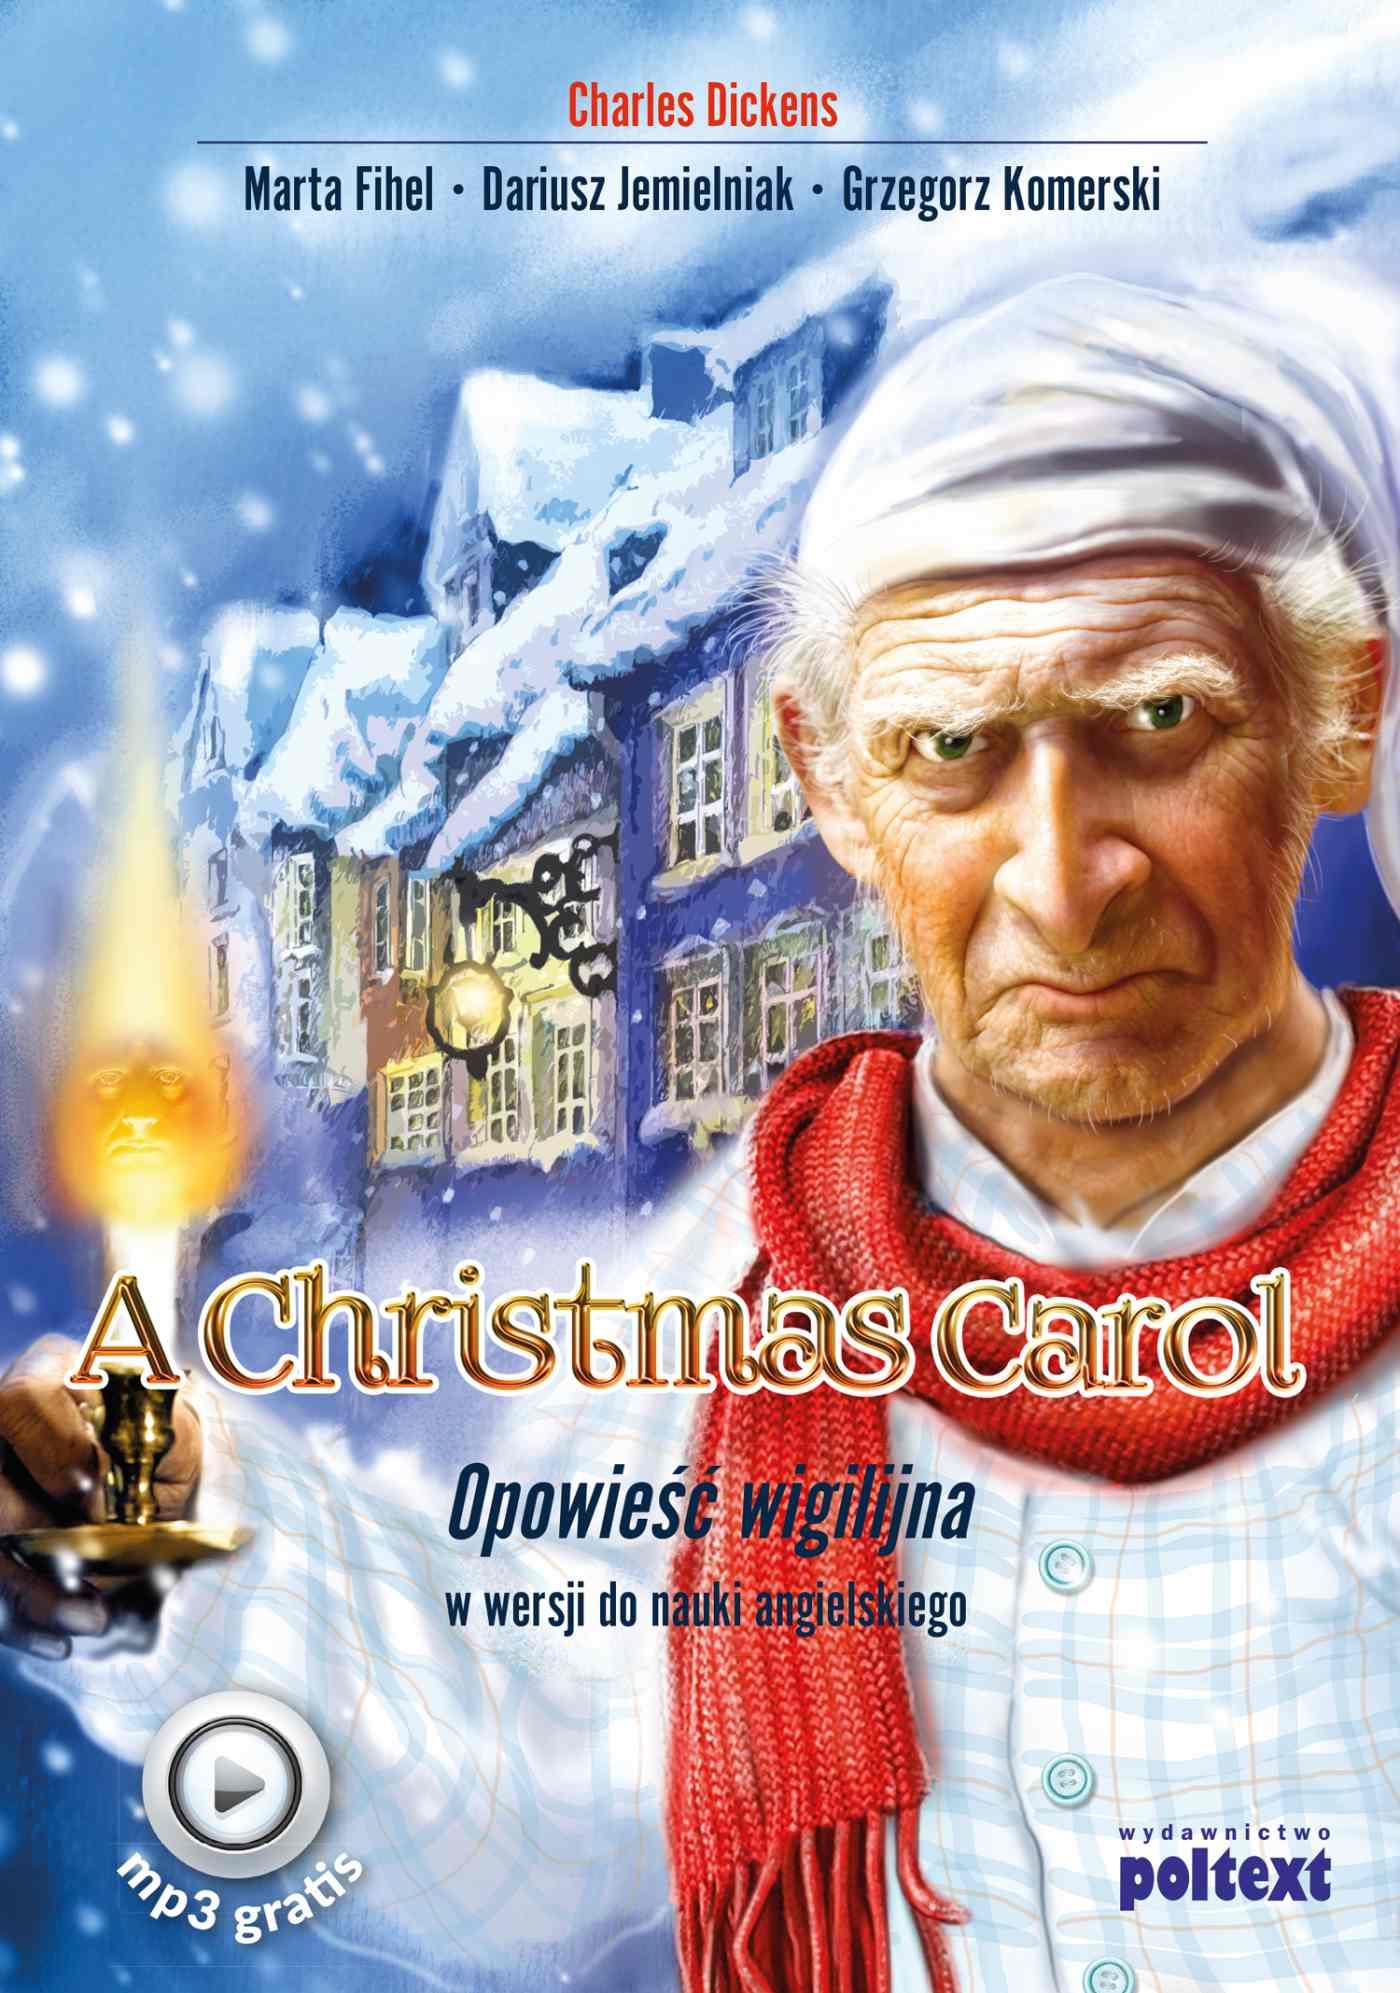 A Christmas Carol. Opowieść wigilijna w wersji do nauki angielskiego - Ebook (Książka EPUB) do pobrania w formacie EPUB